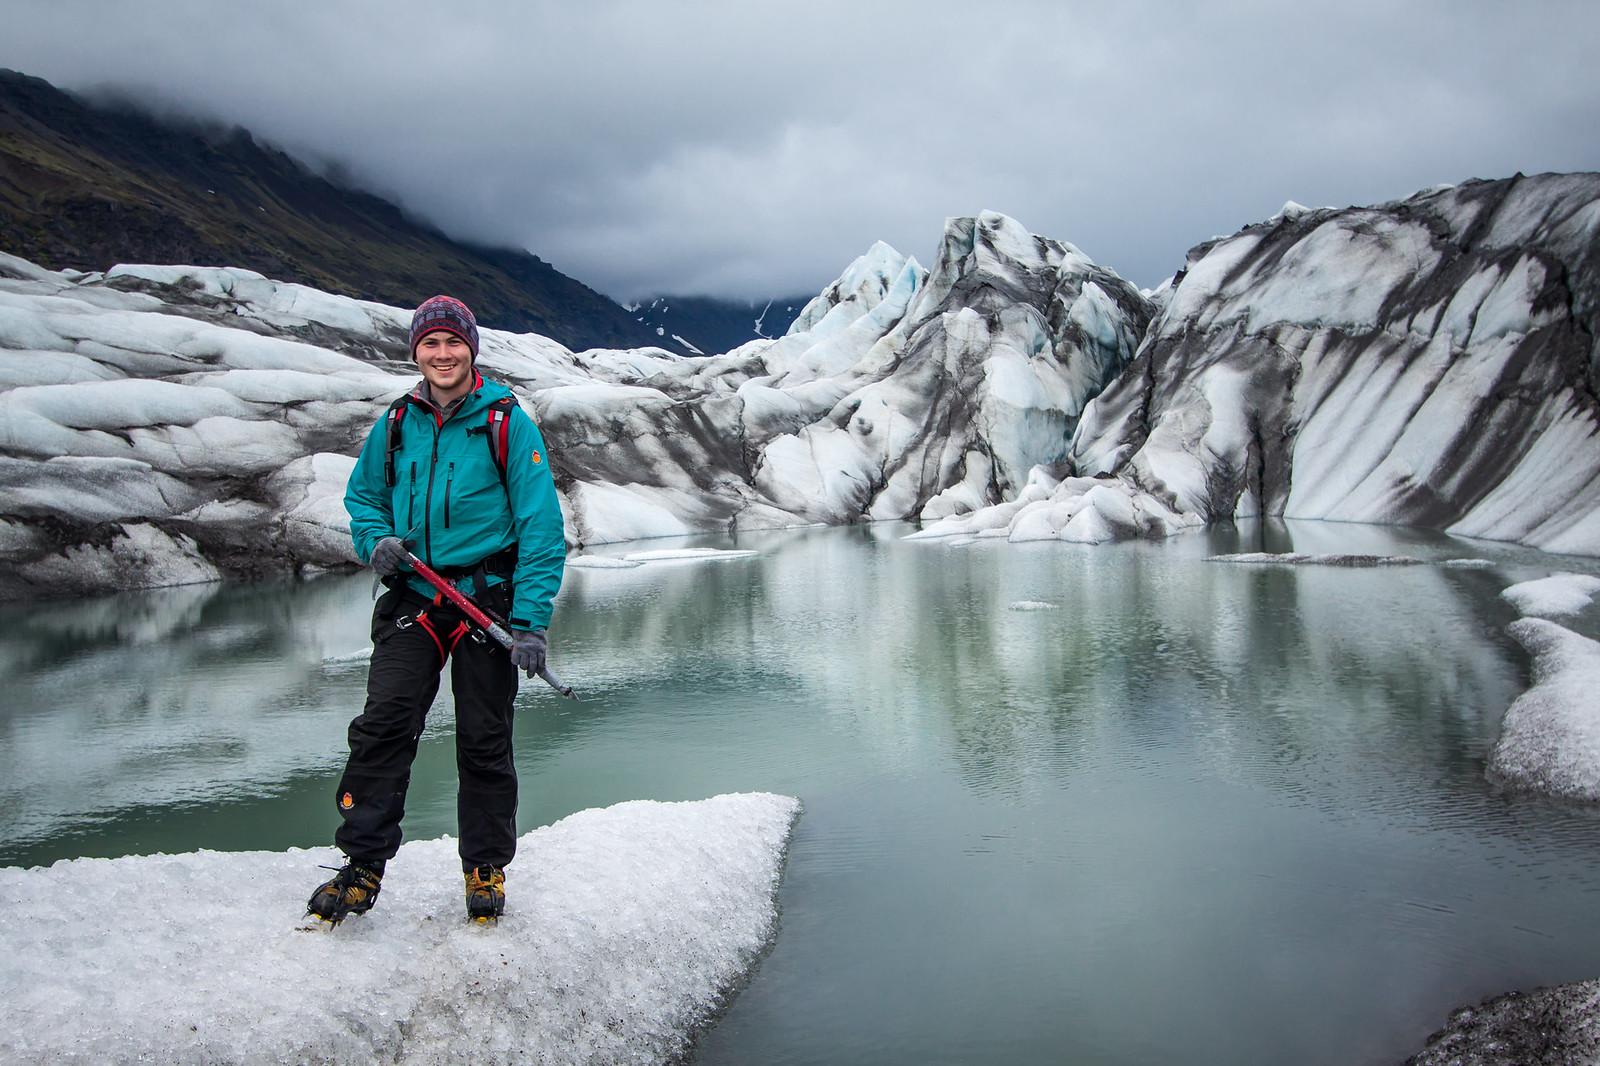 Ісландські нотатки. Частина 5: Льодовики